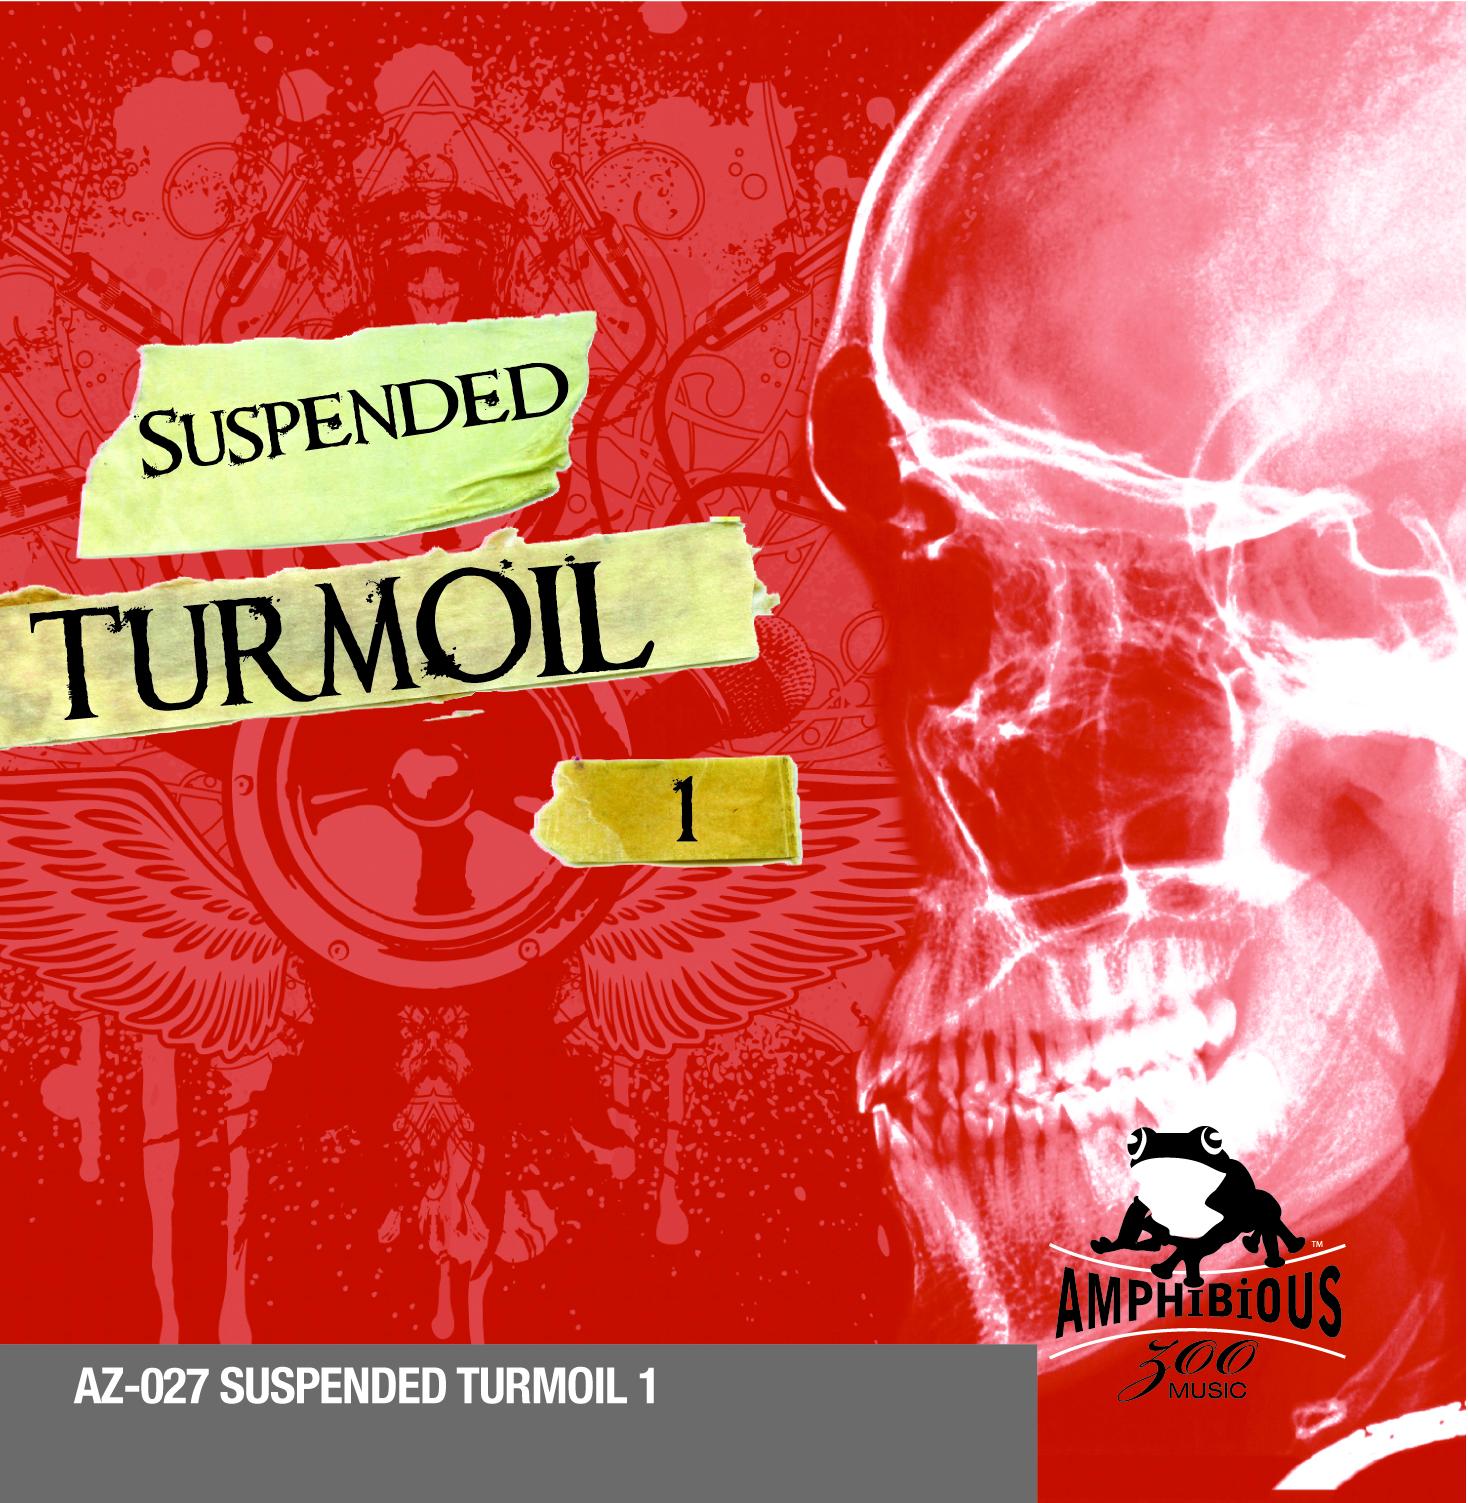 AZ027-Suspended Turmoil 1 Cover Art